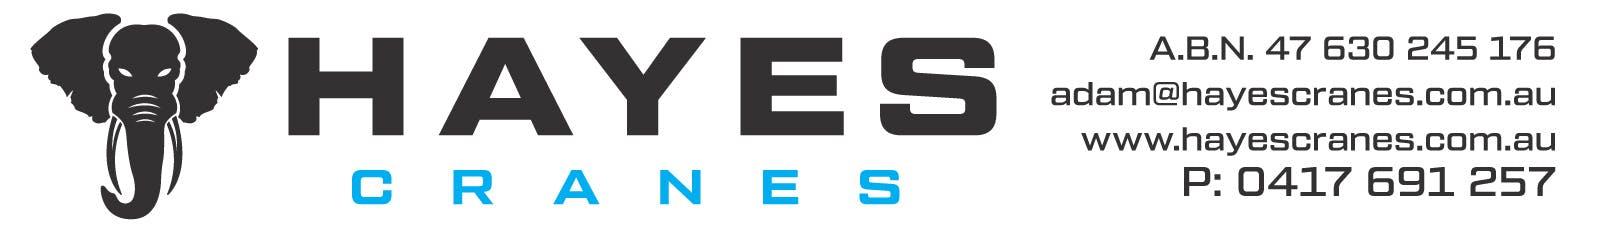 Hayes Cranes